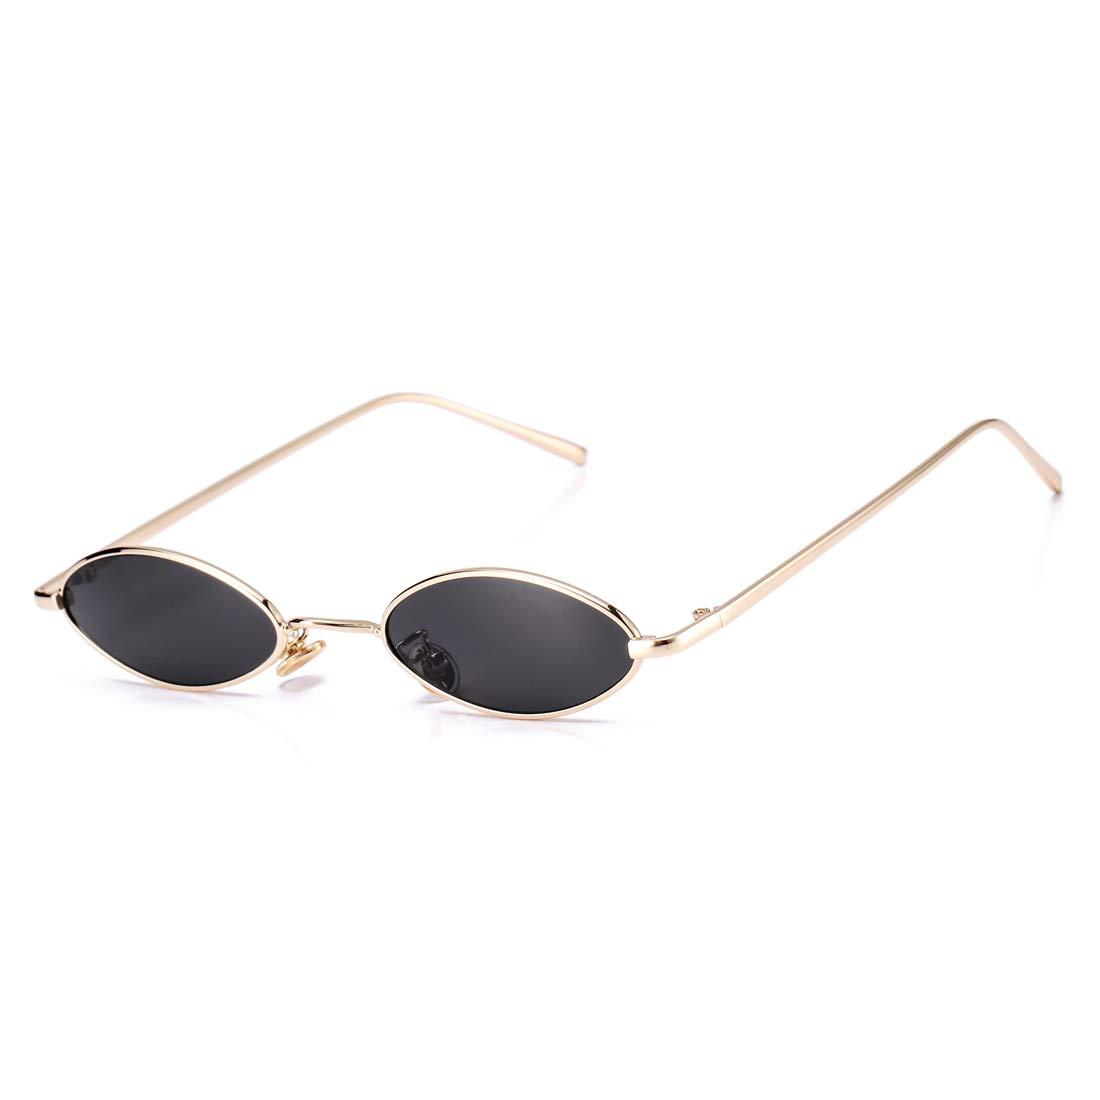 Amazon.com: Gafas de sol ovaladas pequeñas vintage para ...